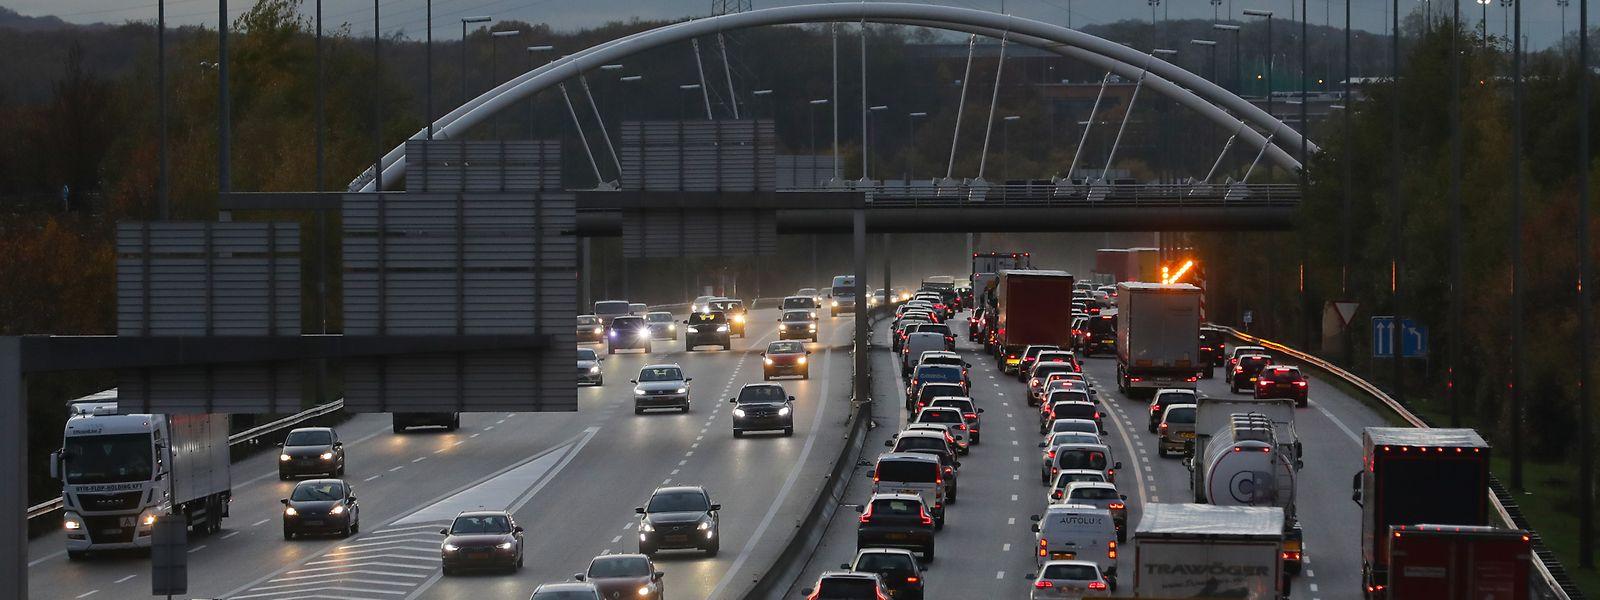 Dass es unter der Woche quasi täglich zu massiven Verkehrsstaus kommt, führt bei vielen Menschen zu Stress, wird aber beim normalen BIP nicht berücksichtigt.